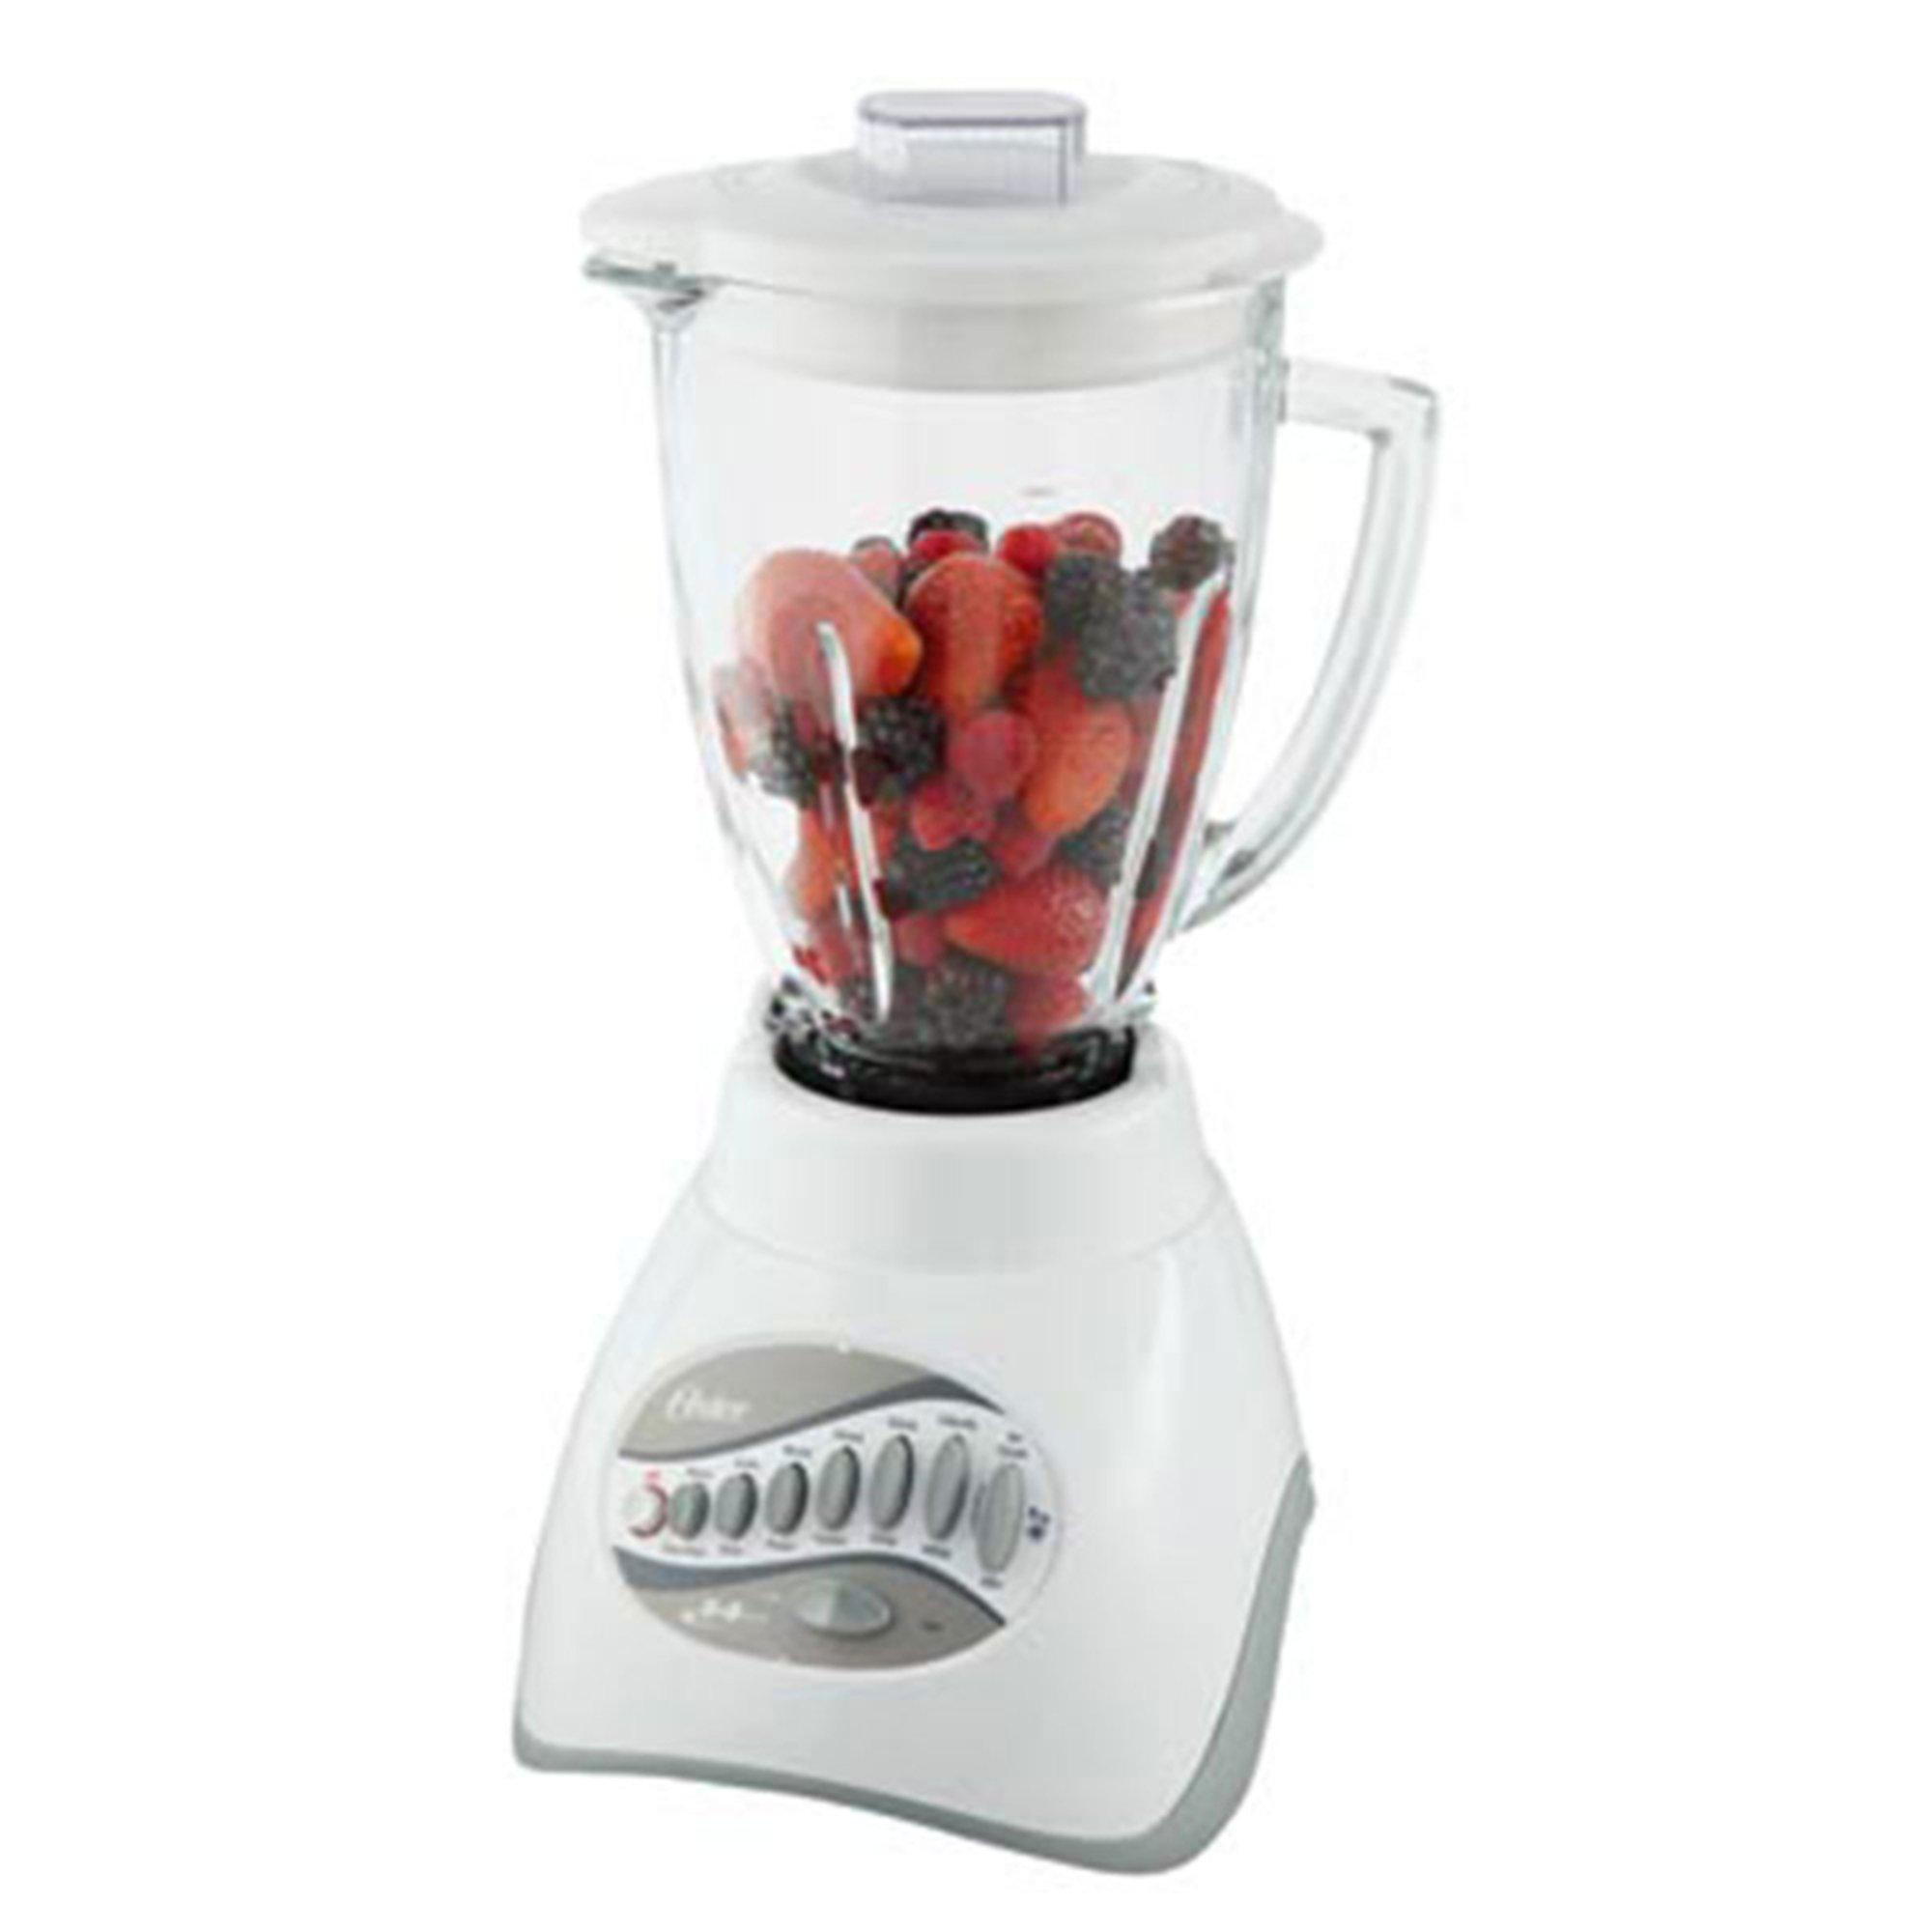 Dimensions Oster Blender ~ Oster precise blend blender glass jar white